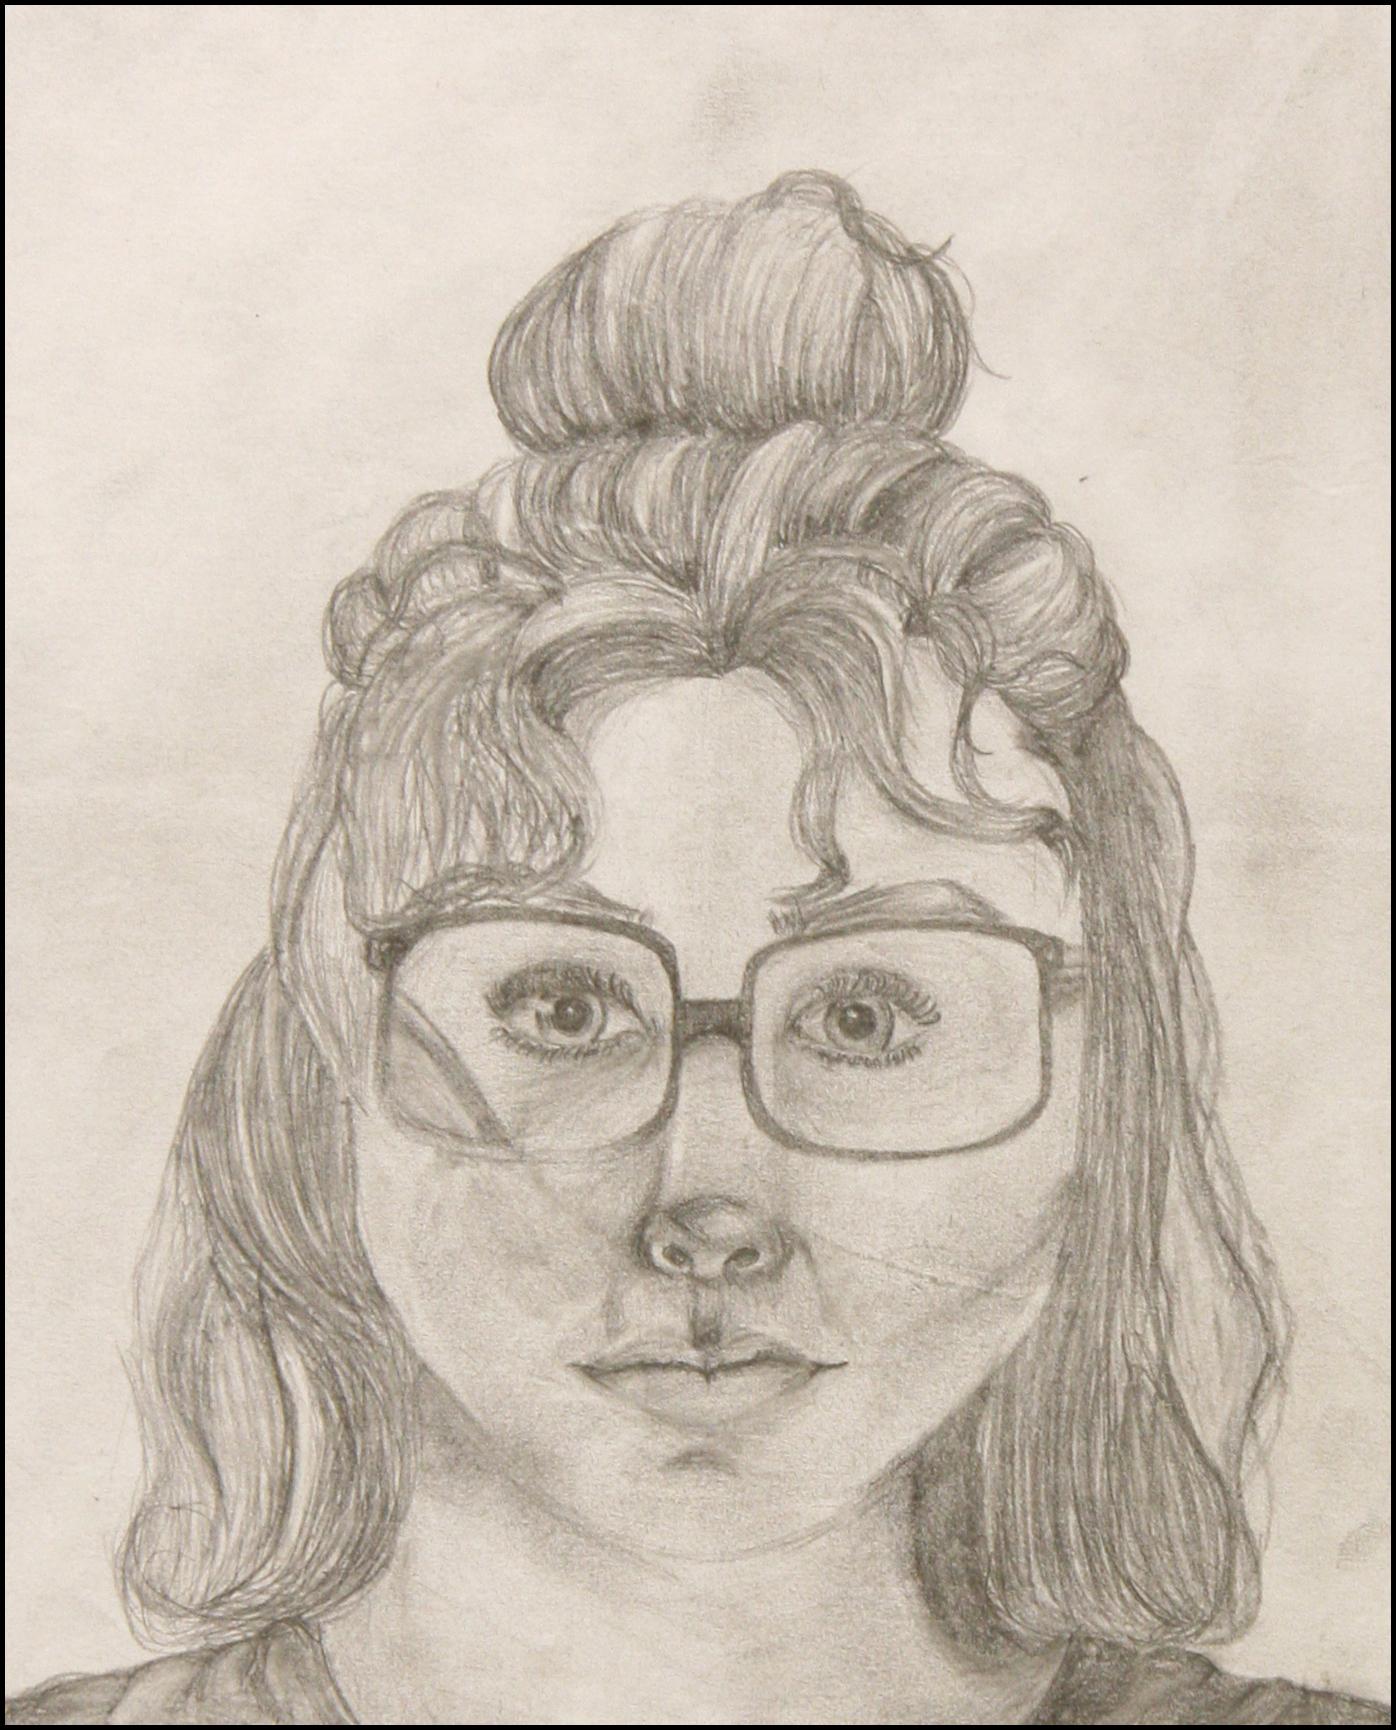 Mackenzee Grade 11